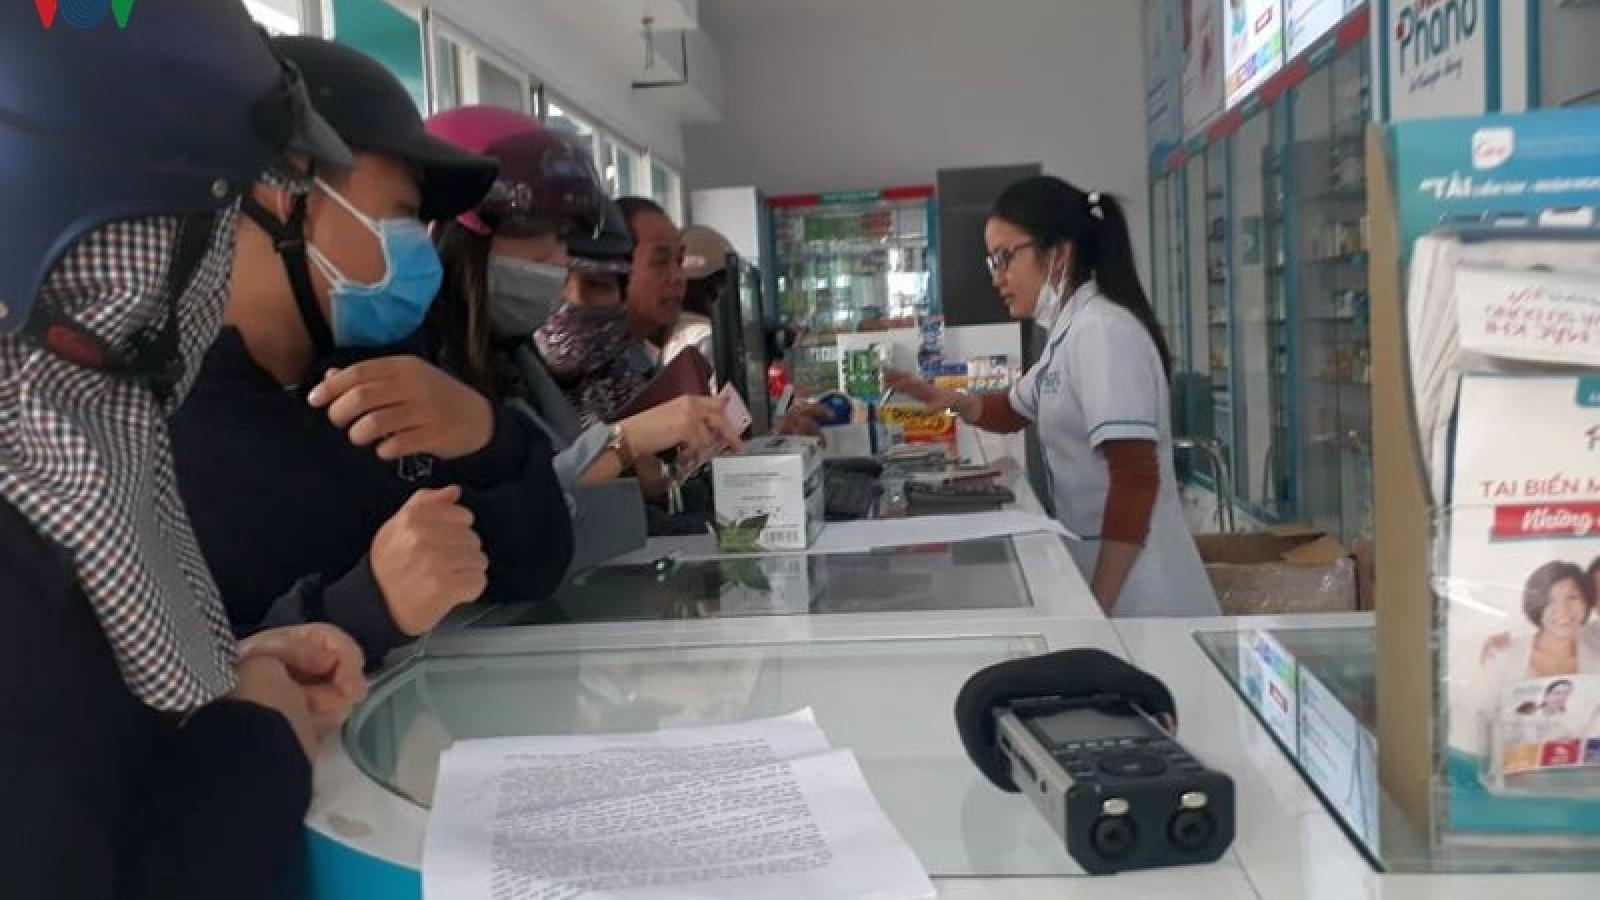 Bộ Y tế đề nghị cơ sở bán lẻ thuốc giữ khoảng cách với người mua thuốc